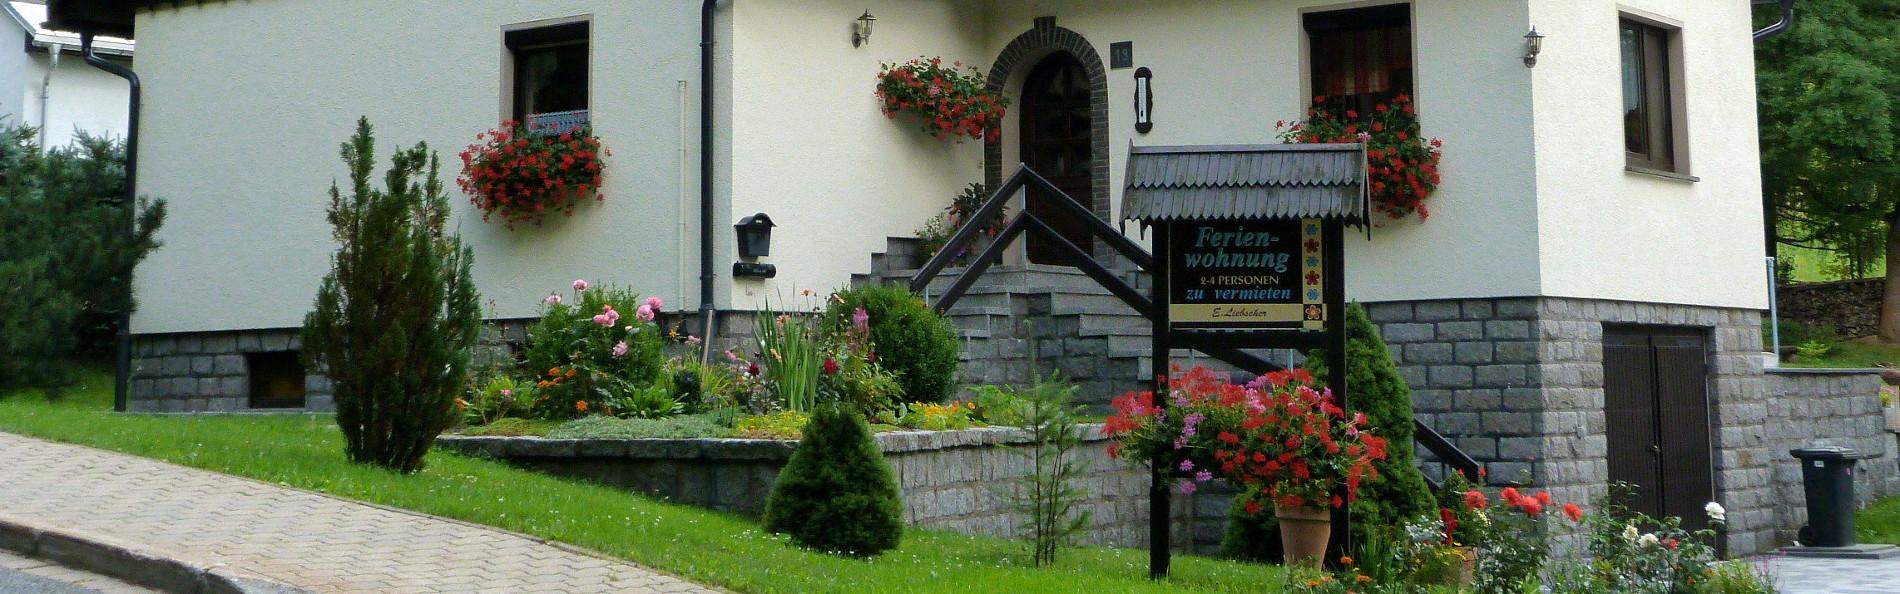 Ferienwohnung Liebscher in Holzhau Bergstraße - Urlaub im Erzgebirge